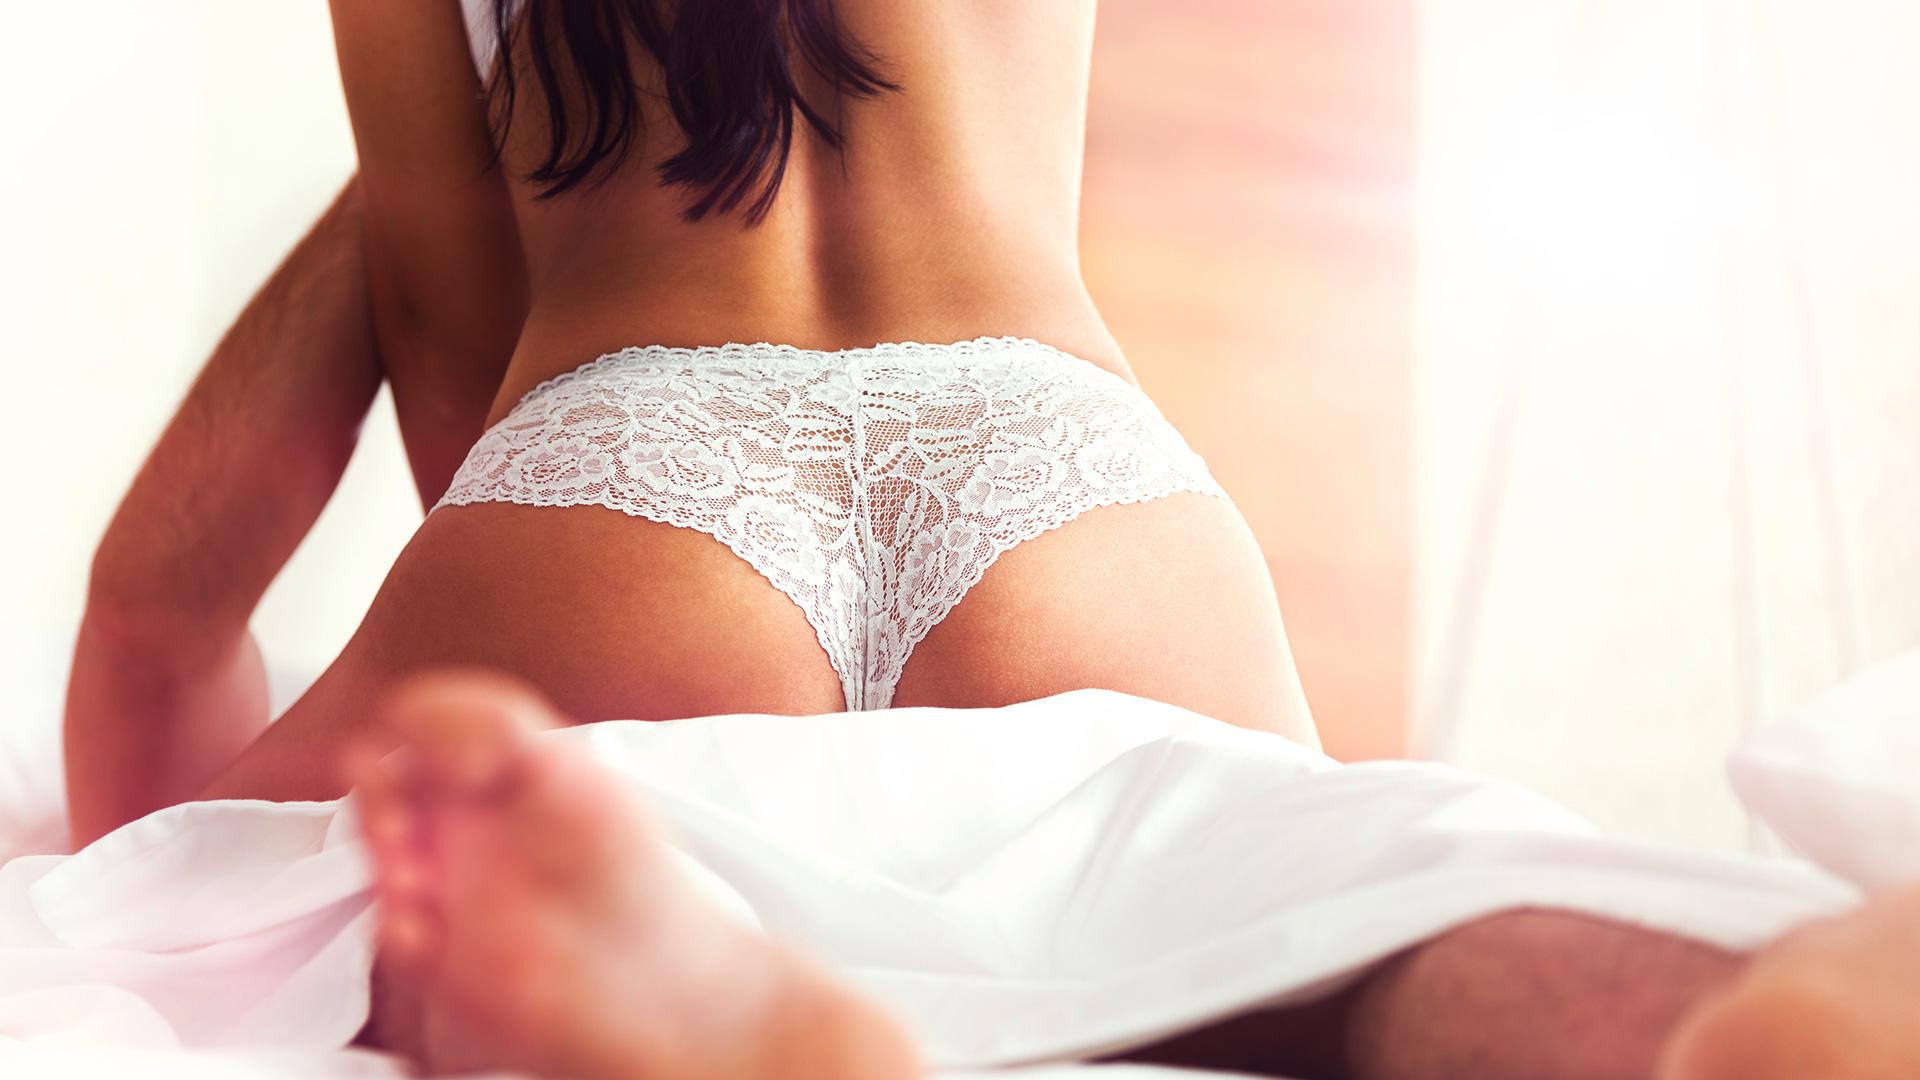 советы для секса